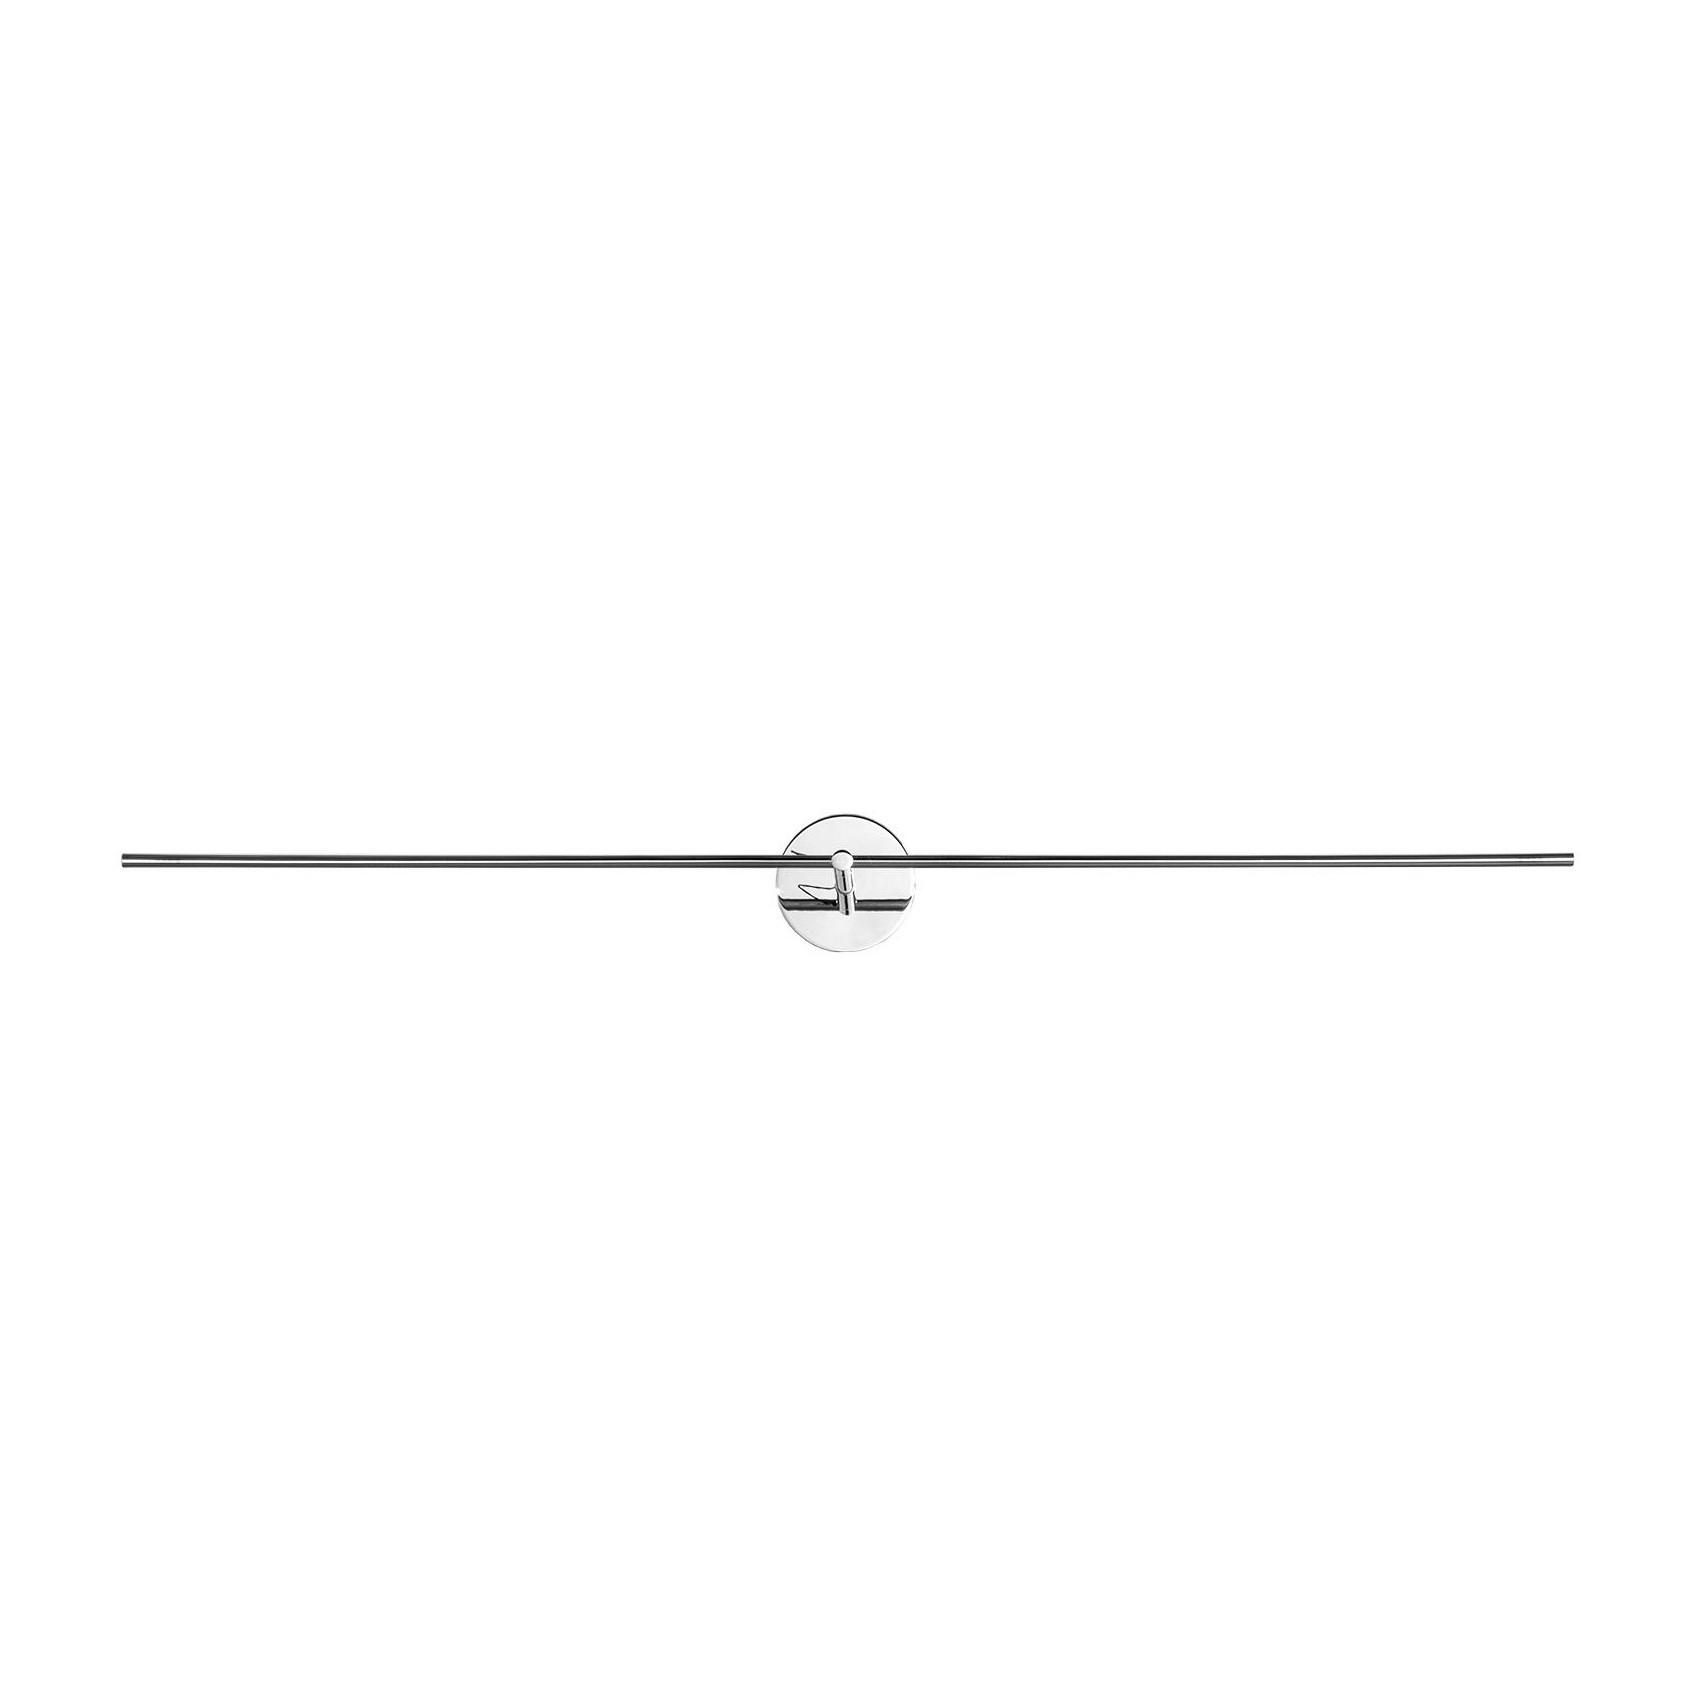 Muraleplafonnier Led Applique Light Stick Cw IgybfY76v